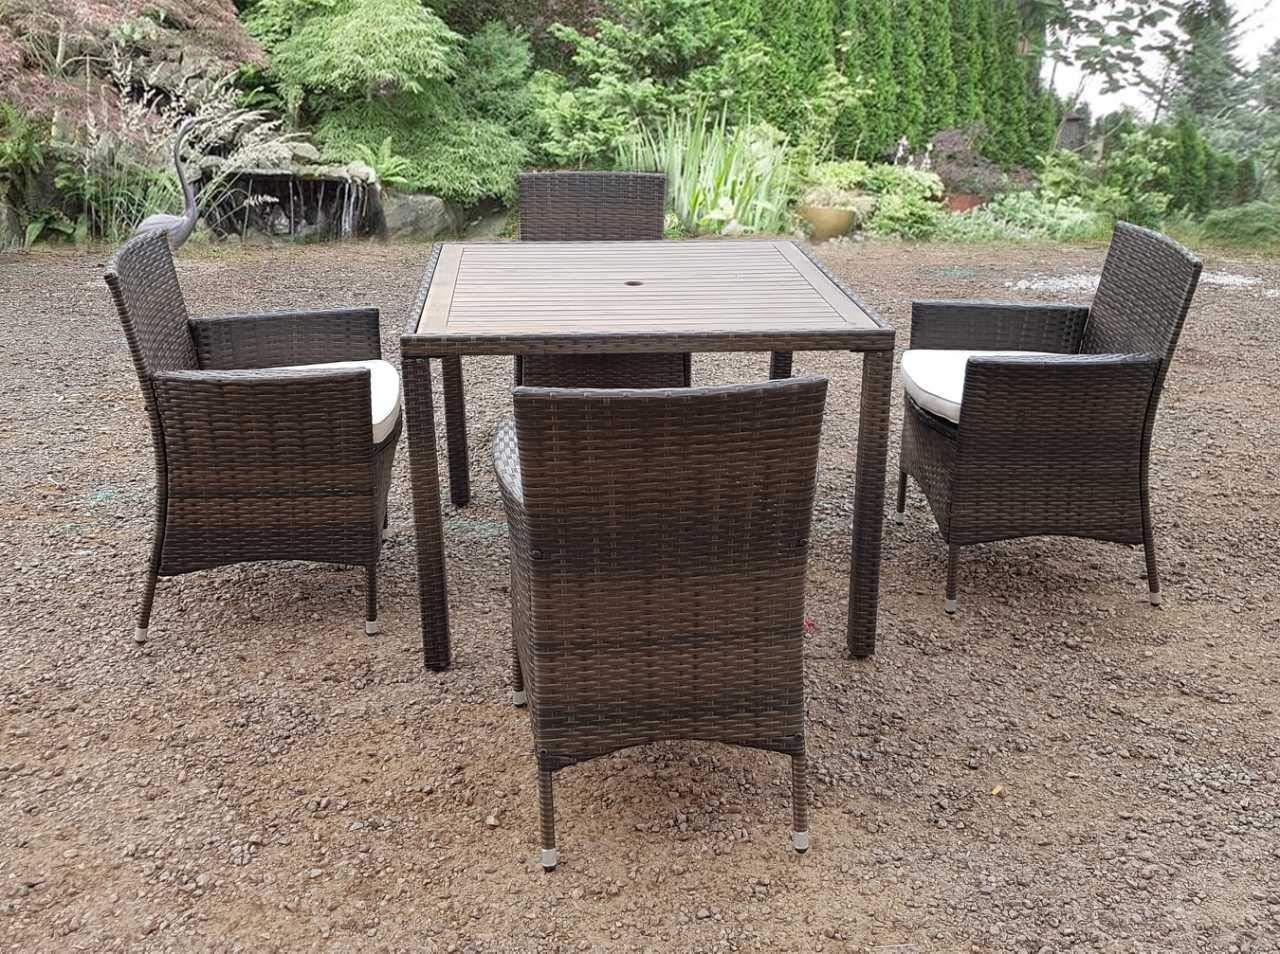 Ratán mimbre conservatorio cubo de madera al aire libre muebles de jardín patio mesa silla Set, 4 seater brown: Amazon.es: Jardín